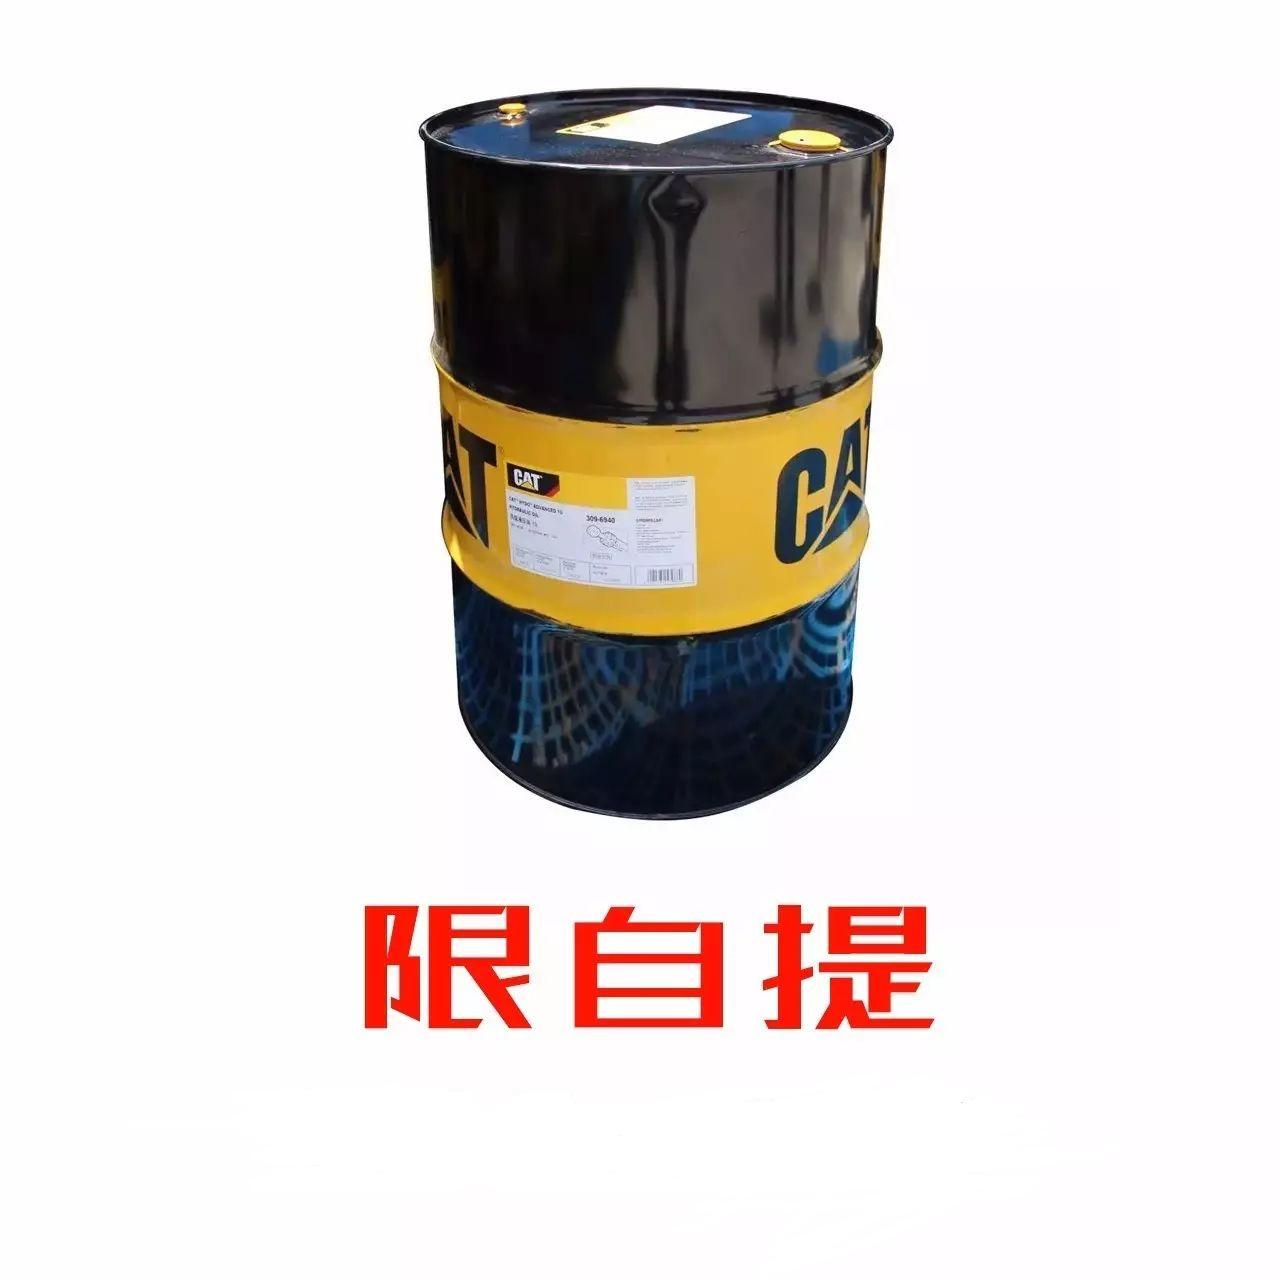 卡特液压油